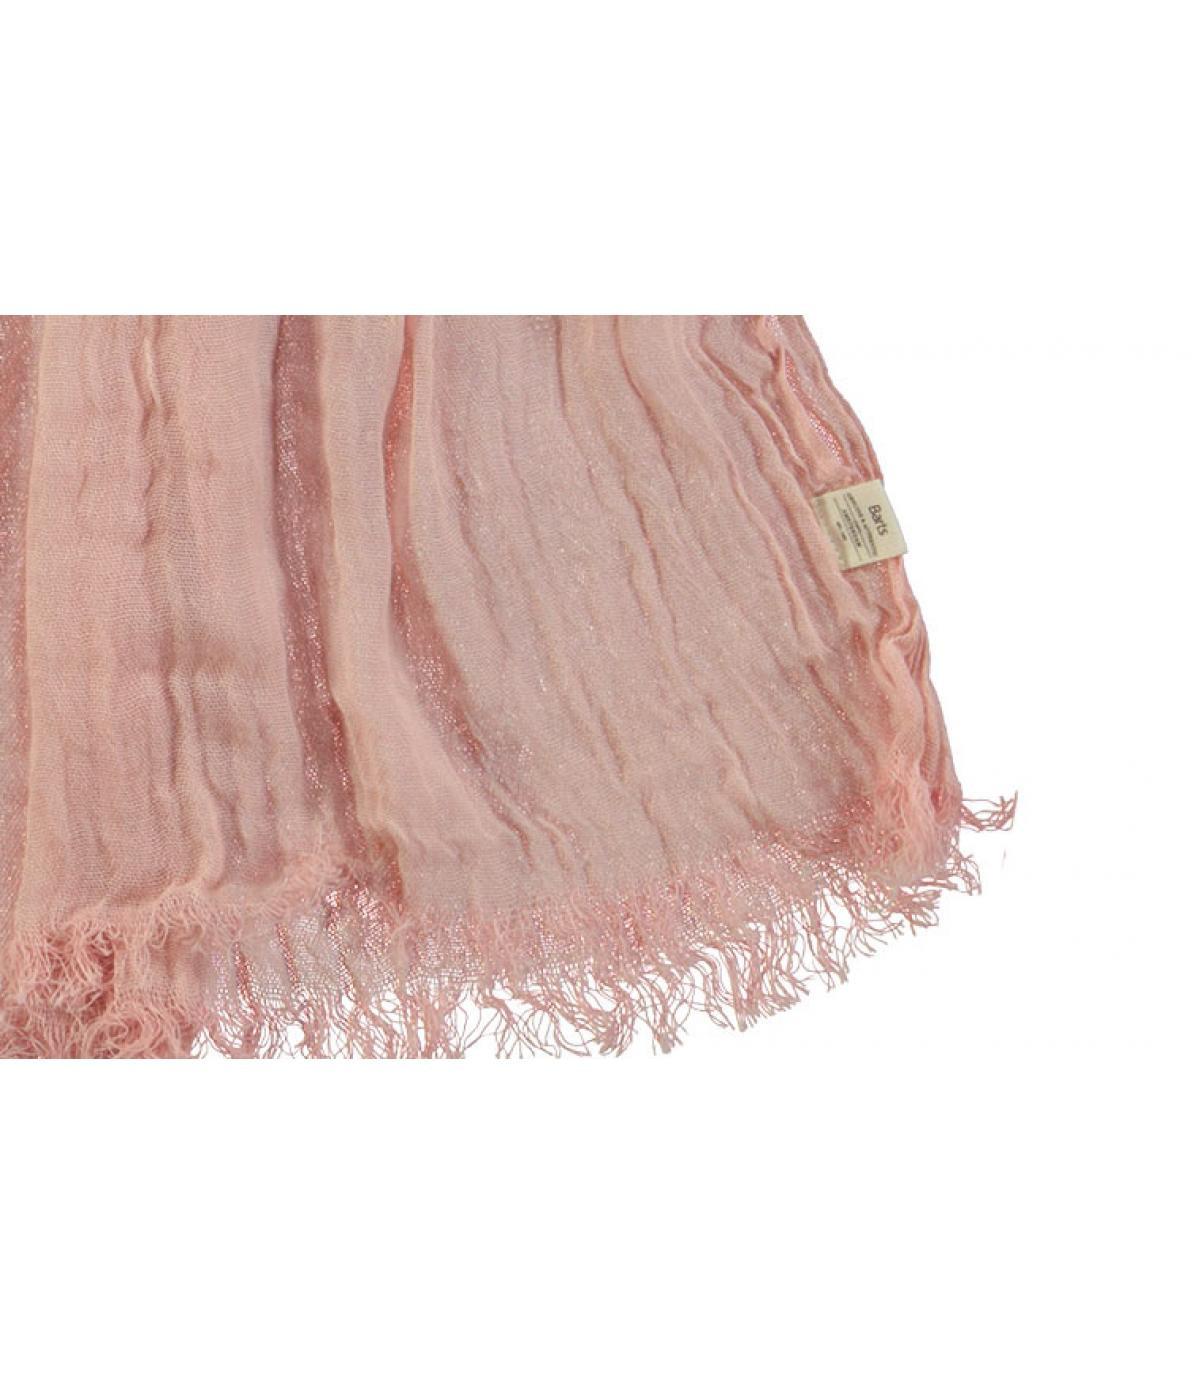 Details Dap Scarf pink - Abbildung 3